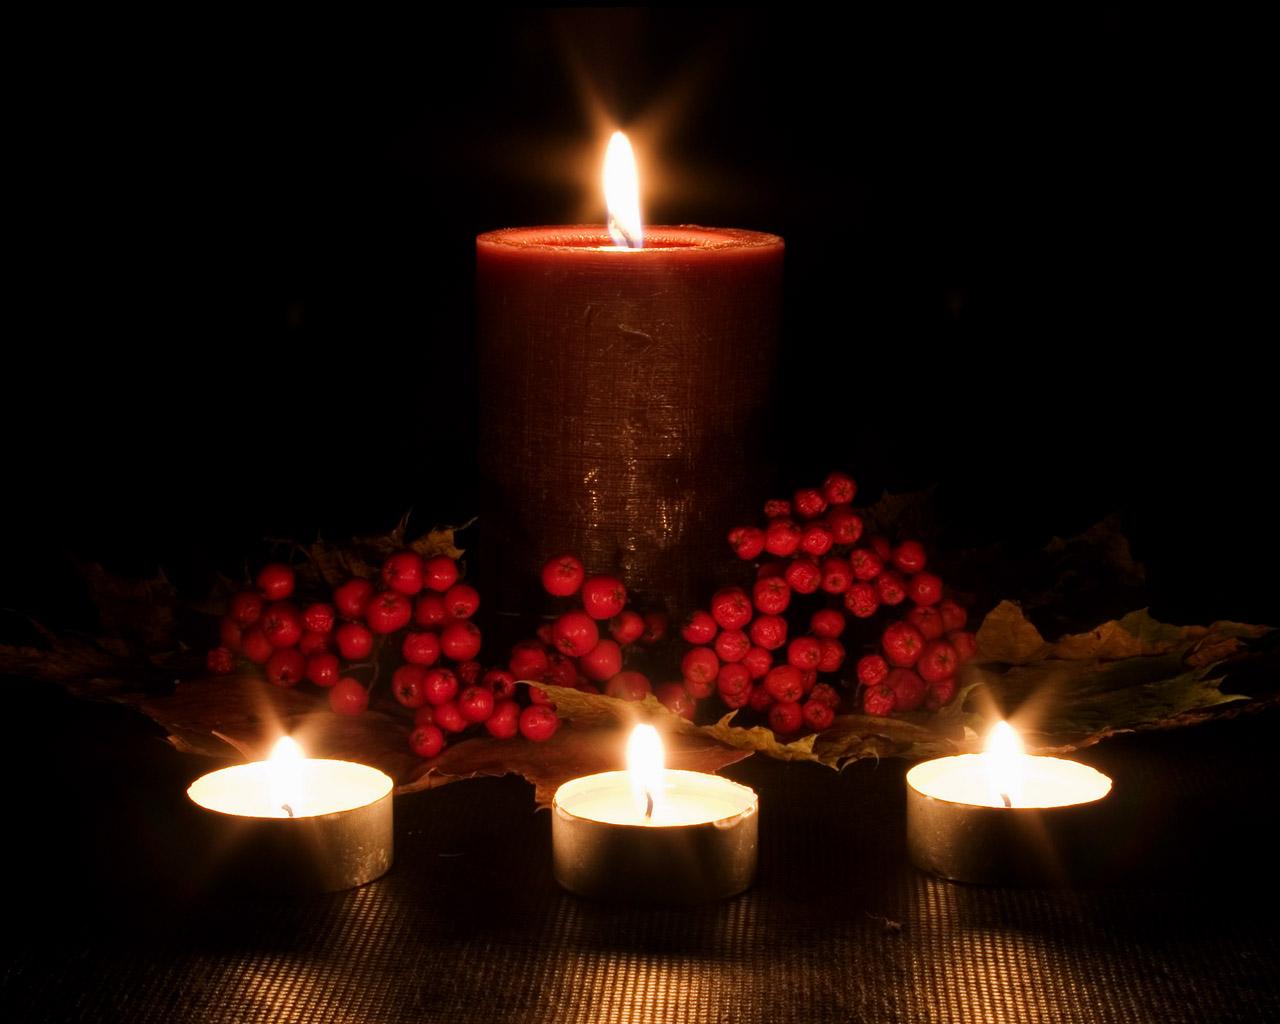 и будут свечи на столе гореть картинки рядом людьми нужно